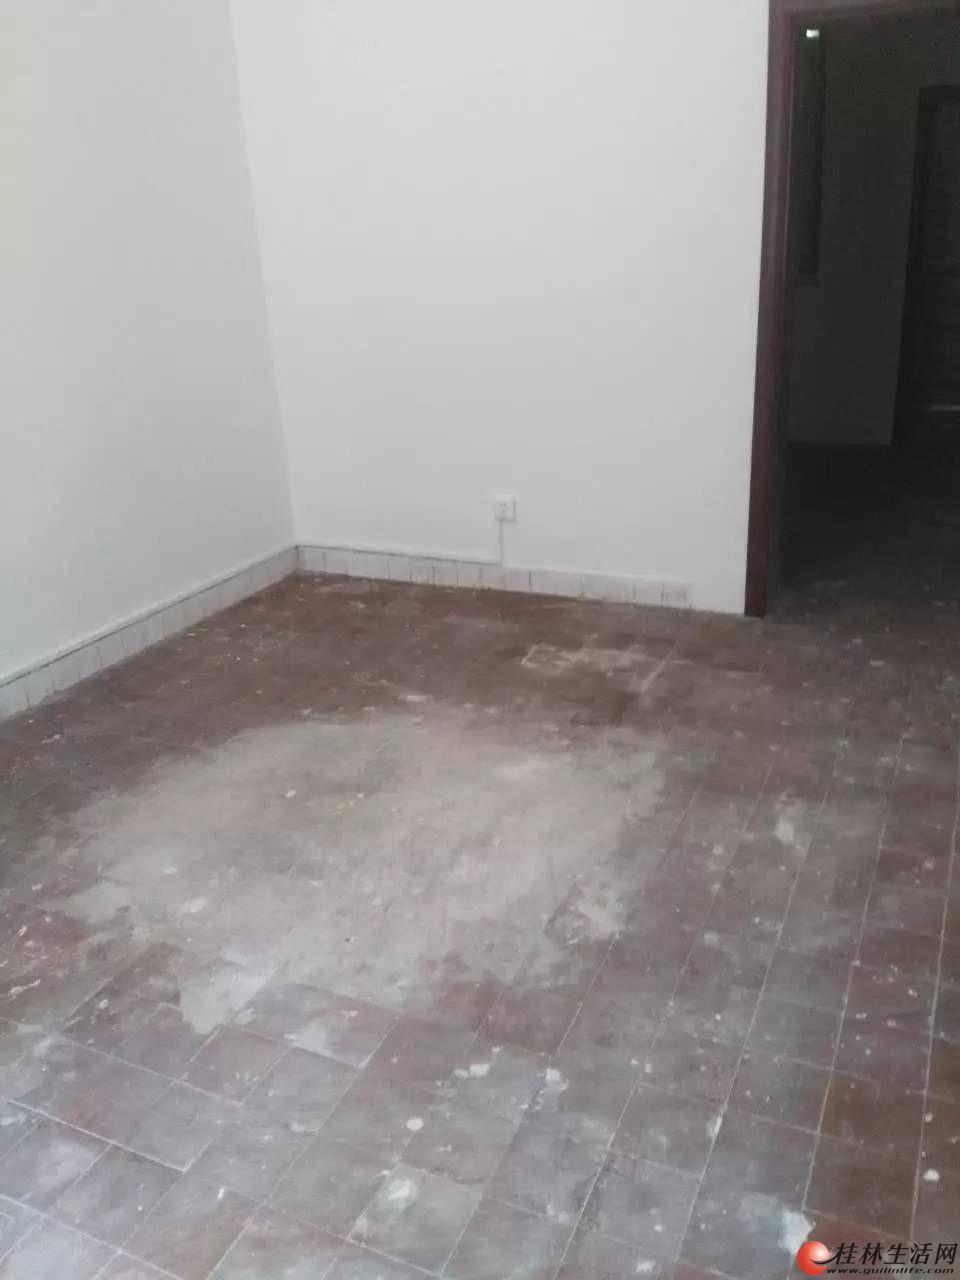 m铁西四里一楼两房一厅61平米出租,可做生意,月租1200元